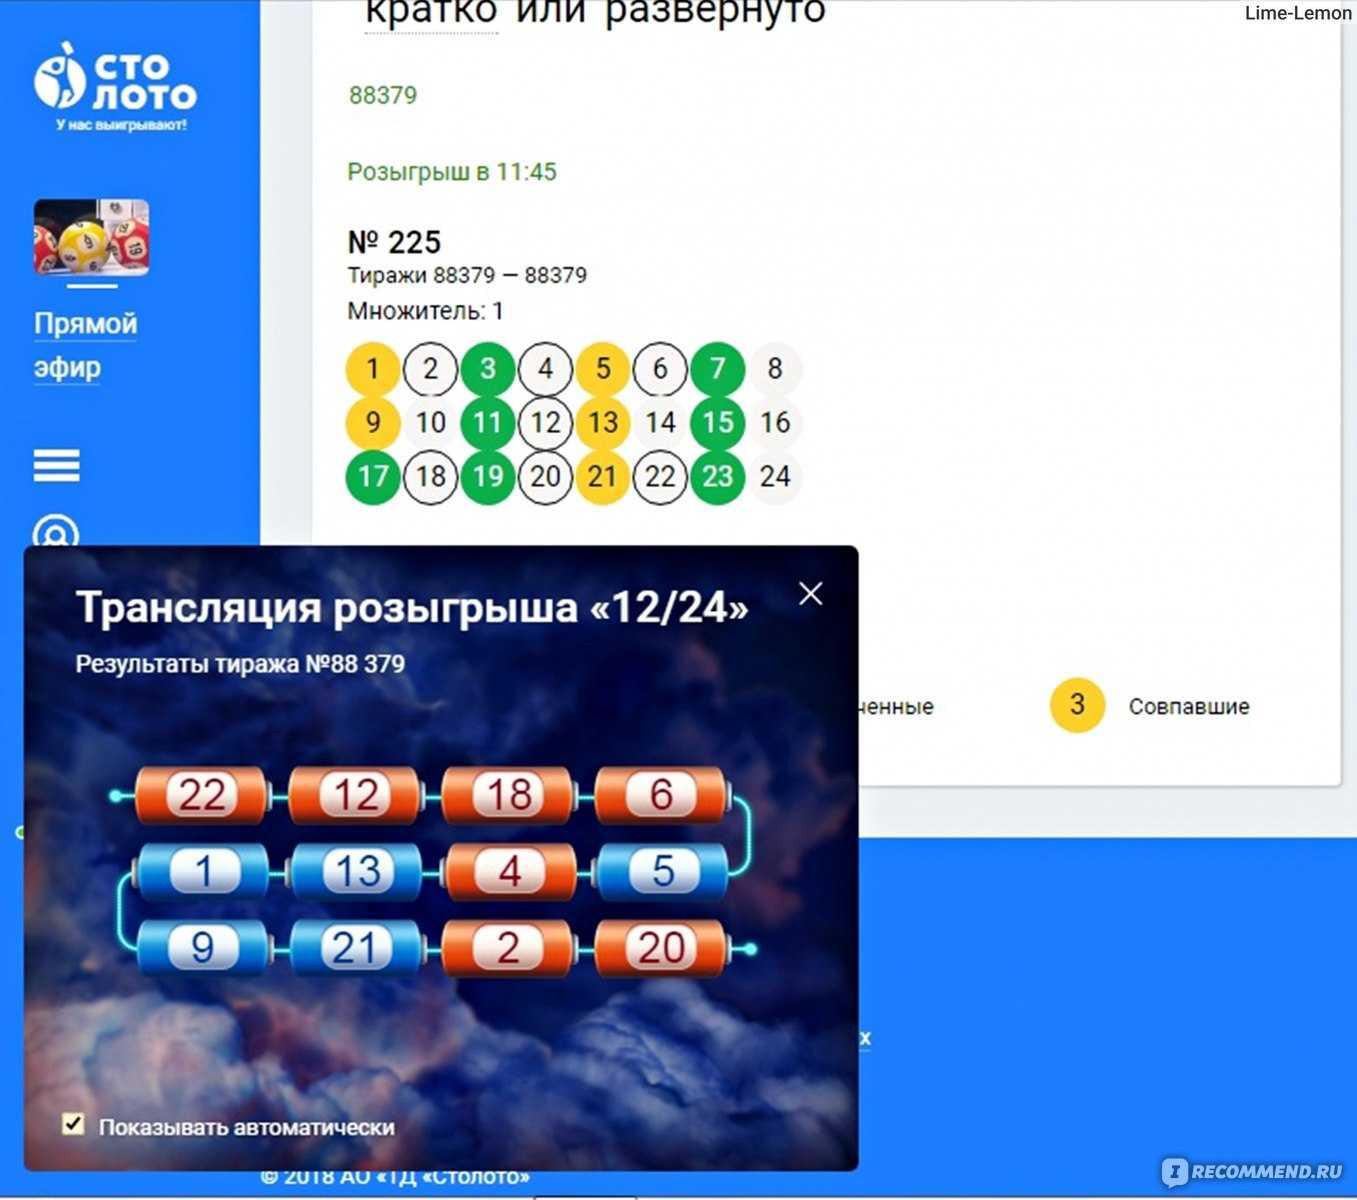 Играть лото онлайн на деньги - шанс выиграть в лотерею